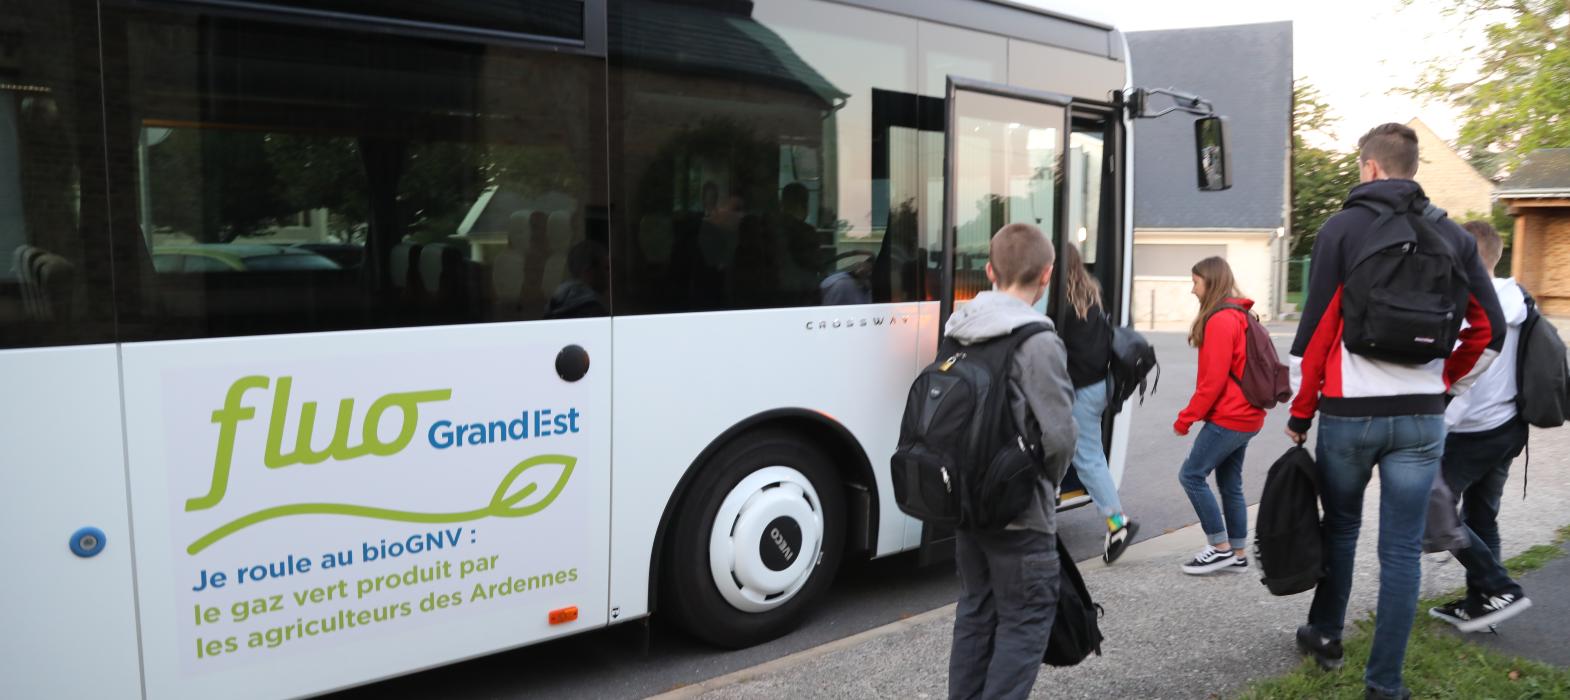 Transport scolaire : inscriptions à partir du 2 juin